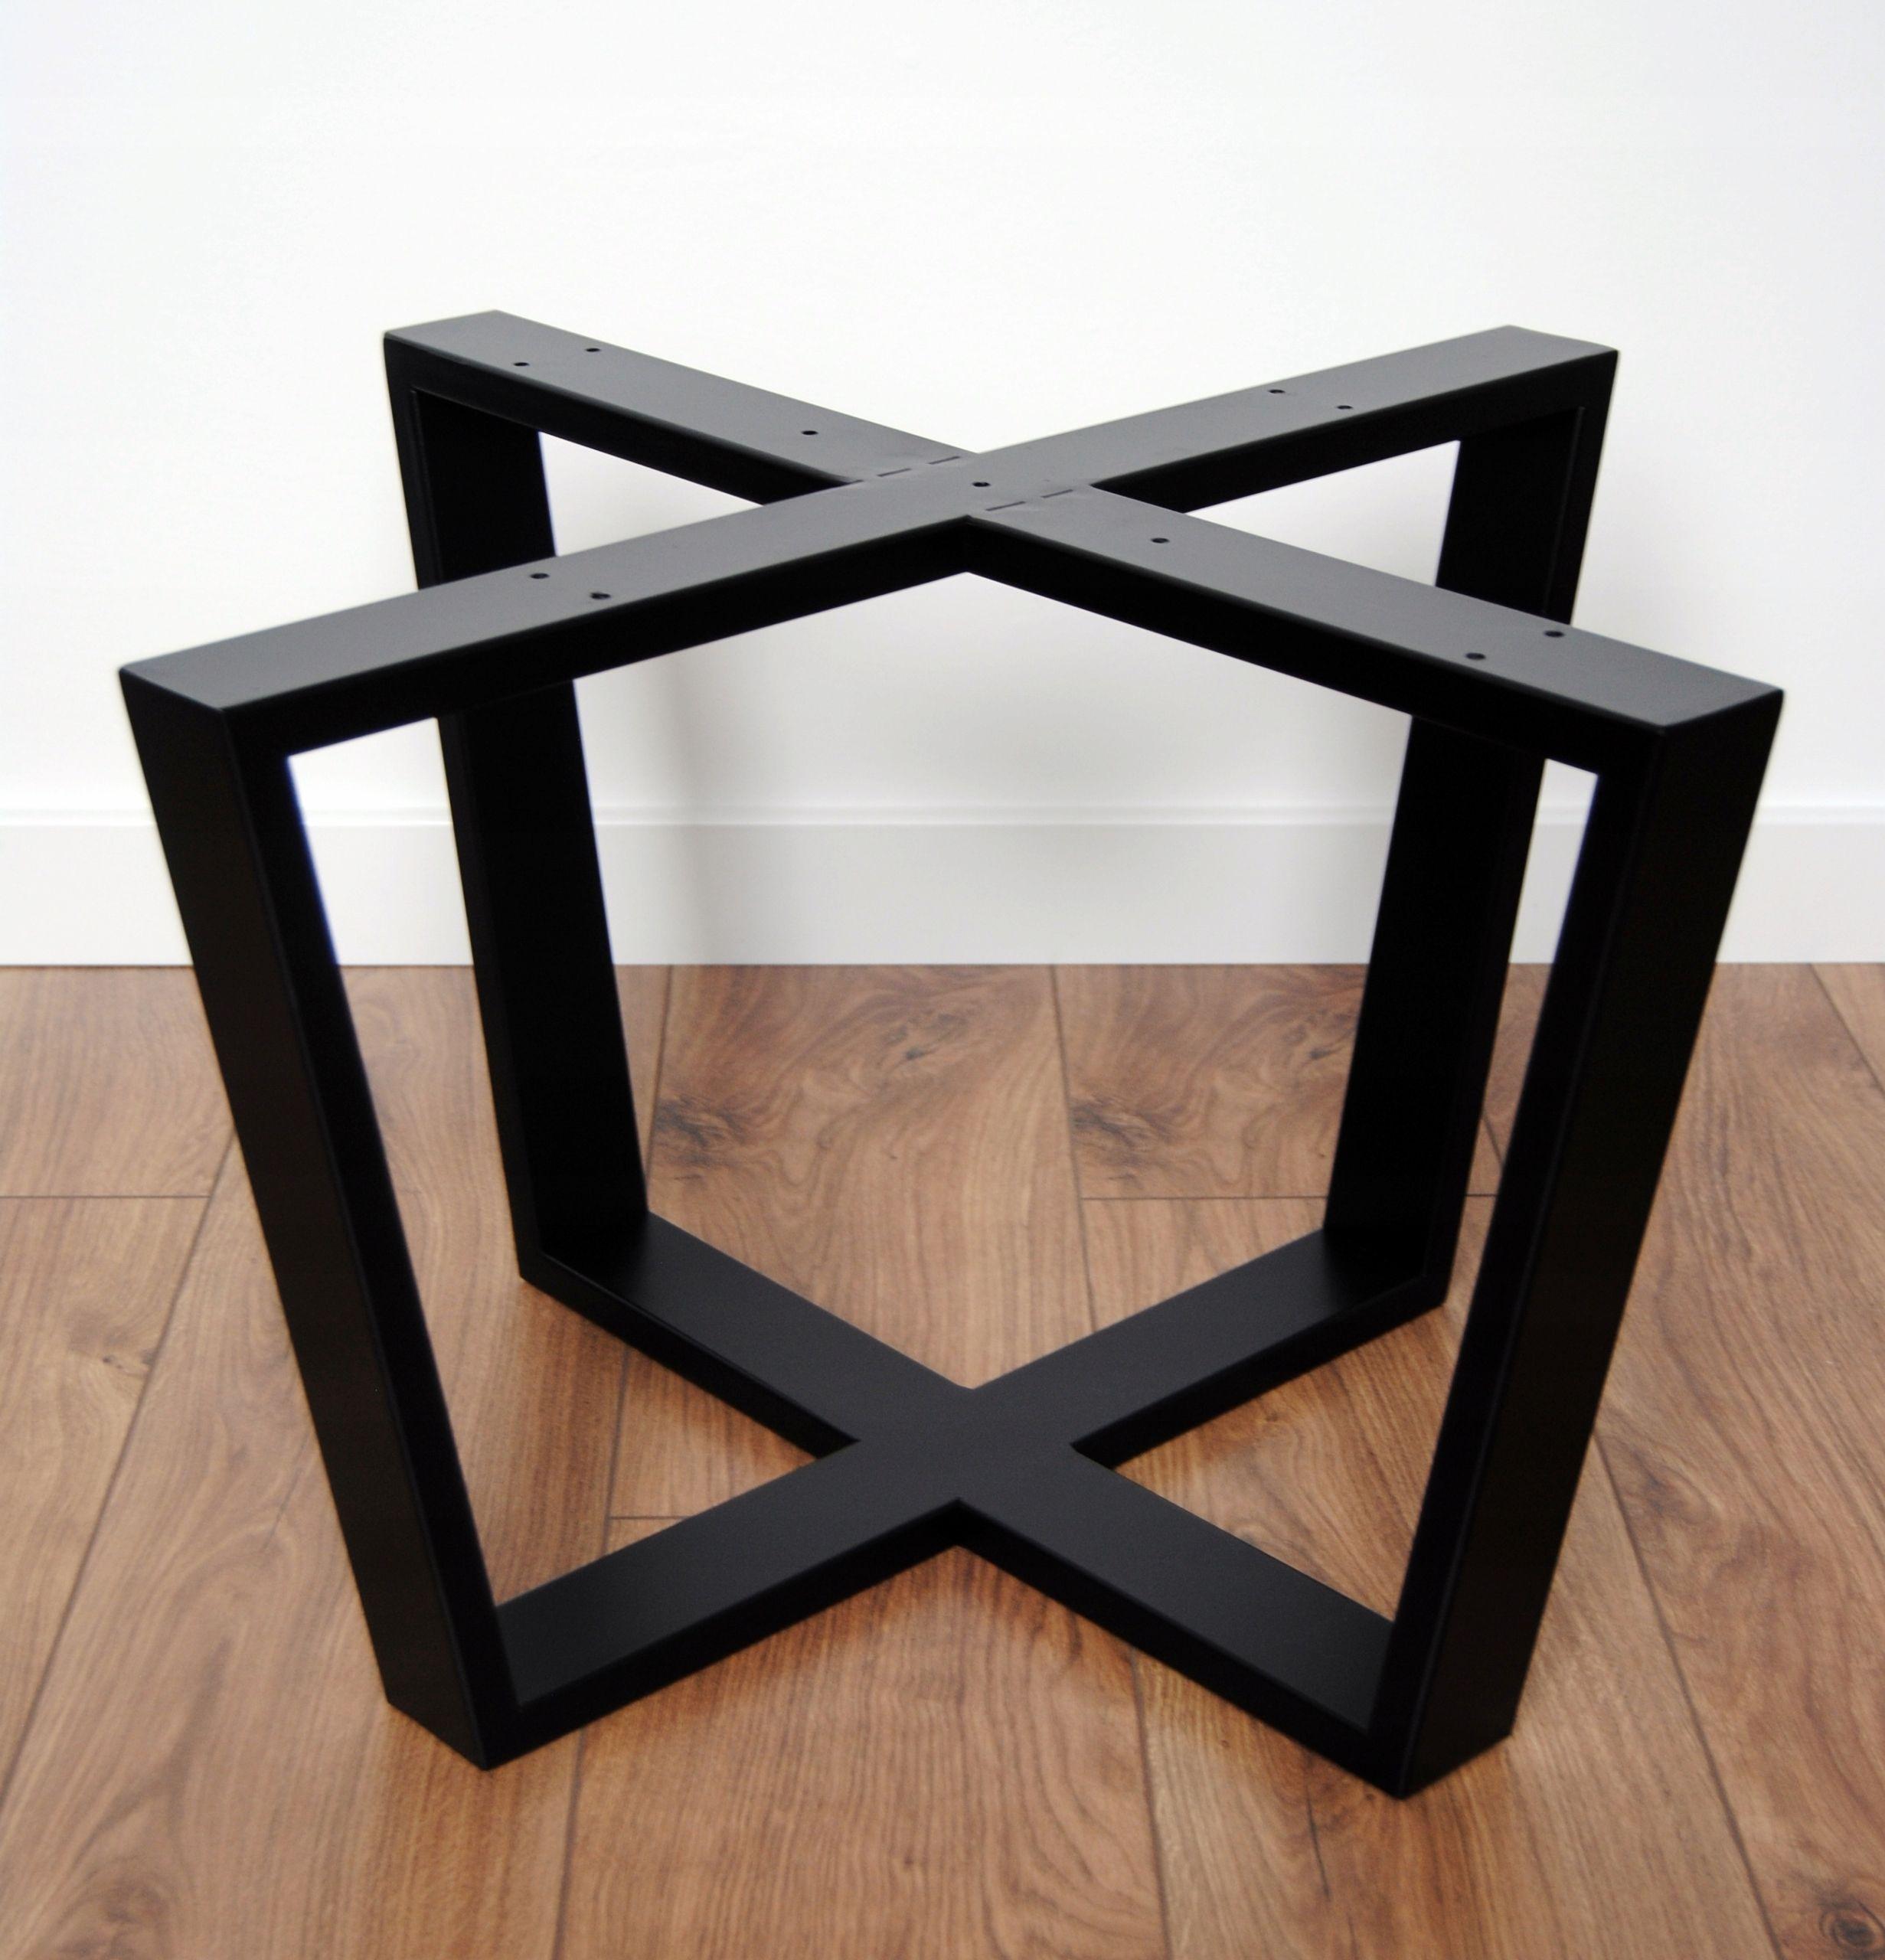 Nogi Metalowe Podstawa Pod Stolik Okrągły Stół